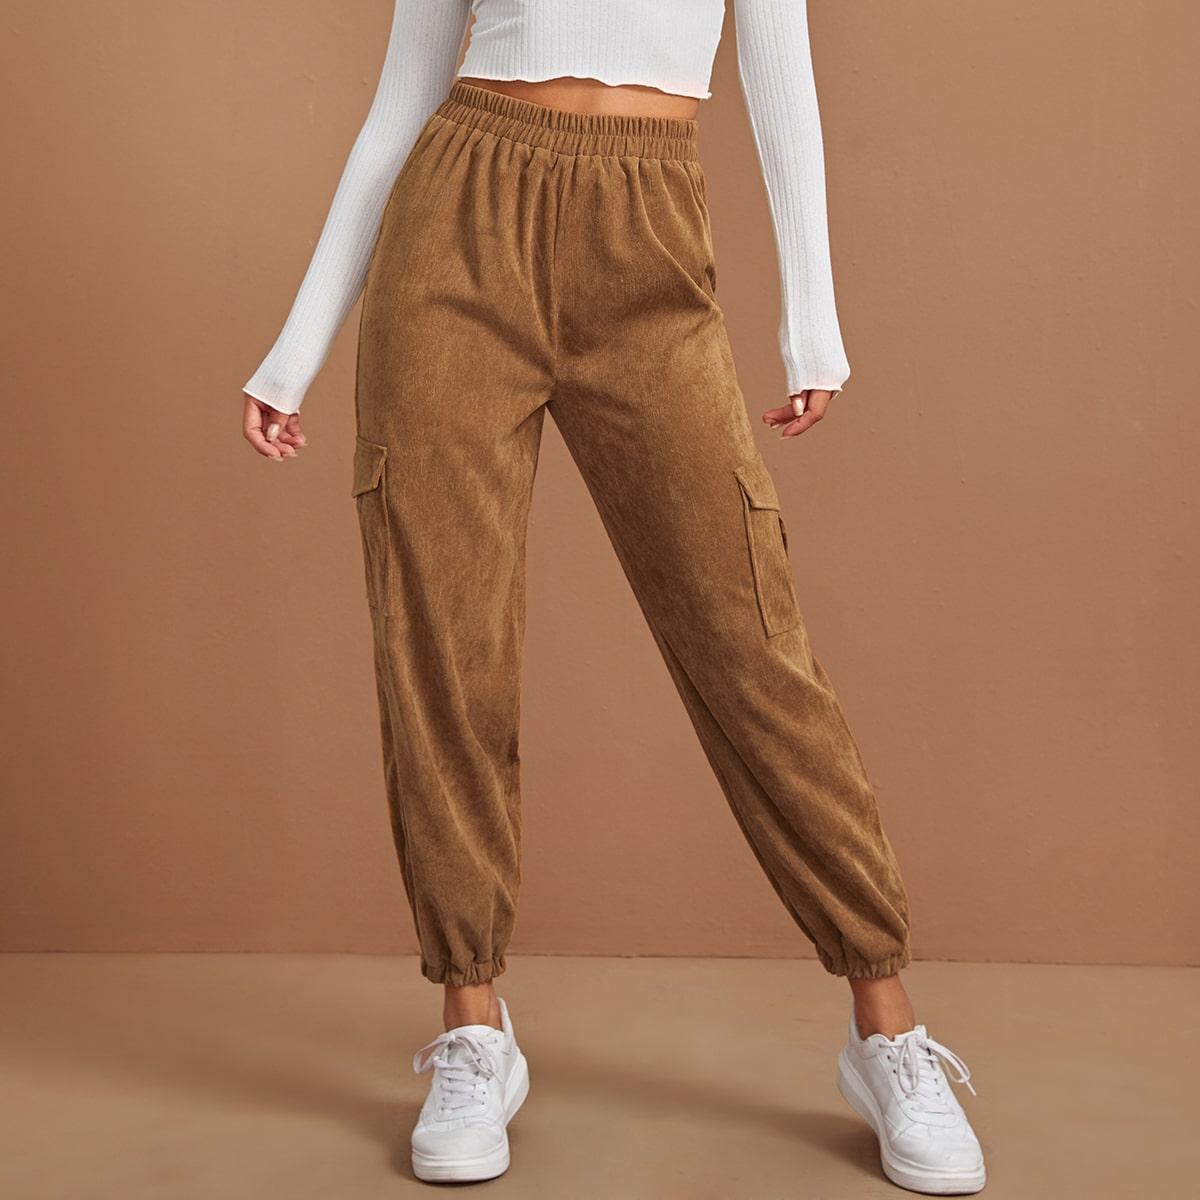 Вельветовые брюки с эластичной талией и карманом